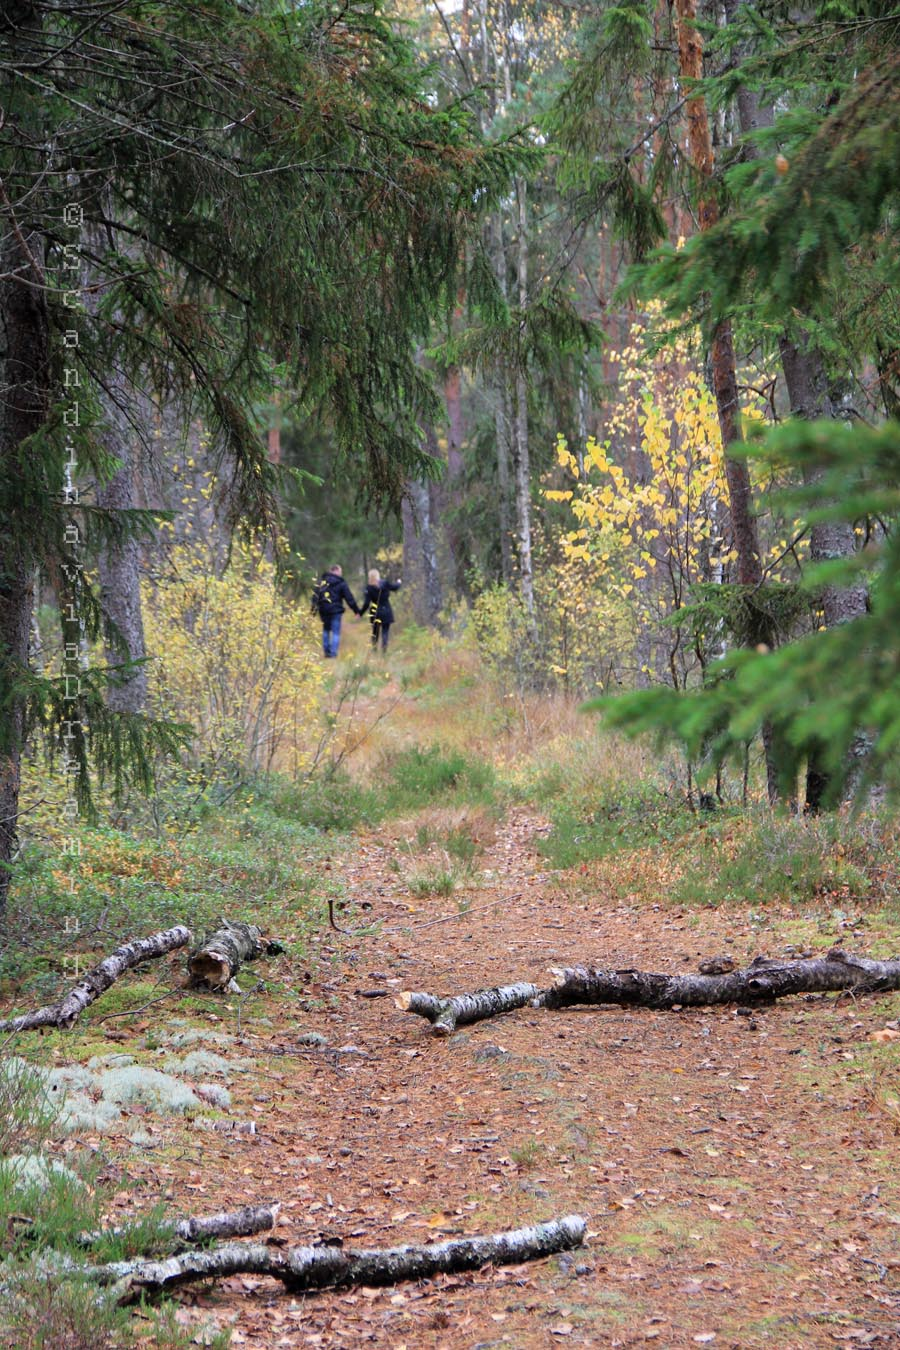 Un couple dans les bois scandinavia dreaming - Un matin dans les bois ...